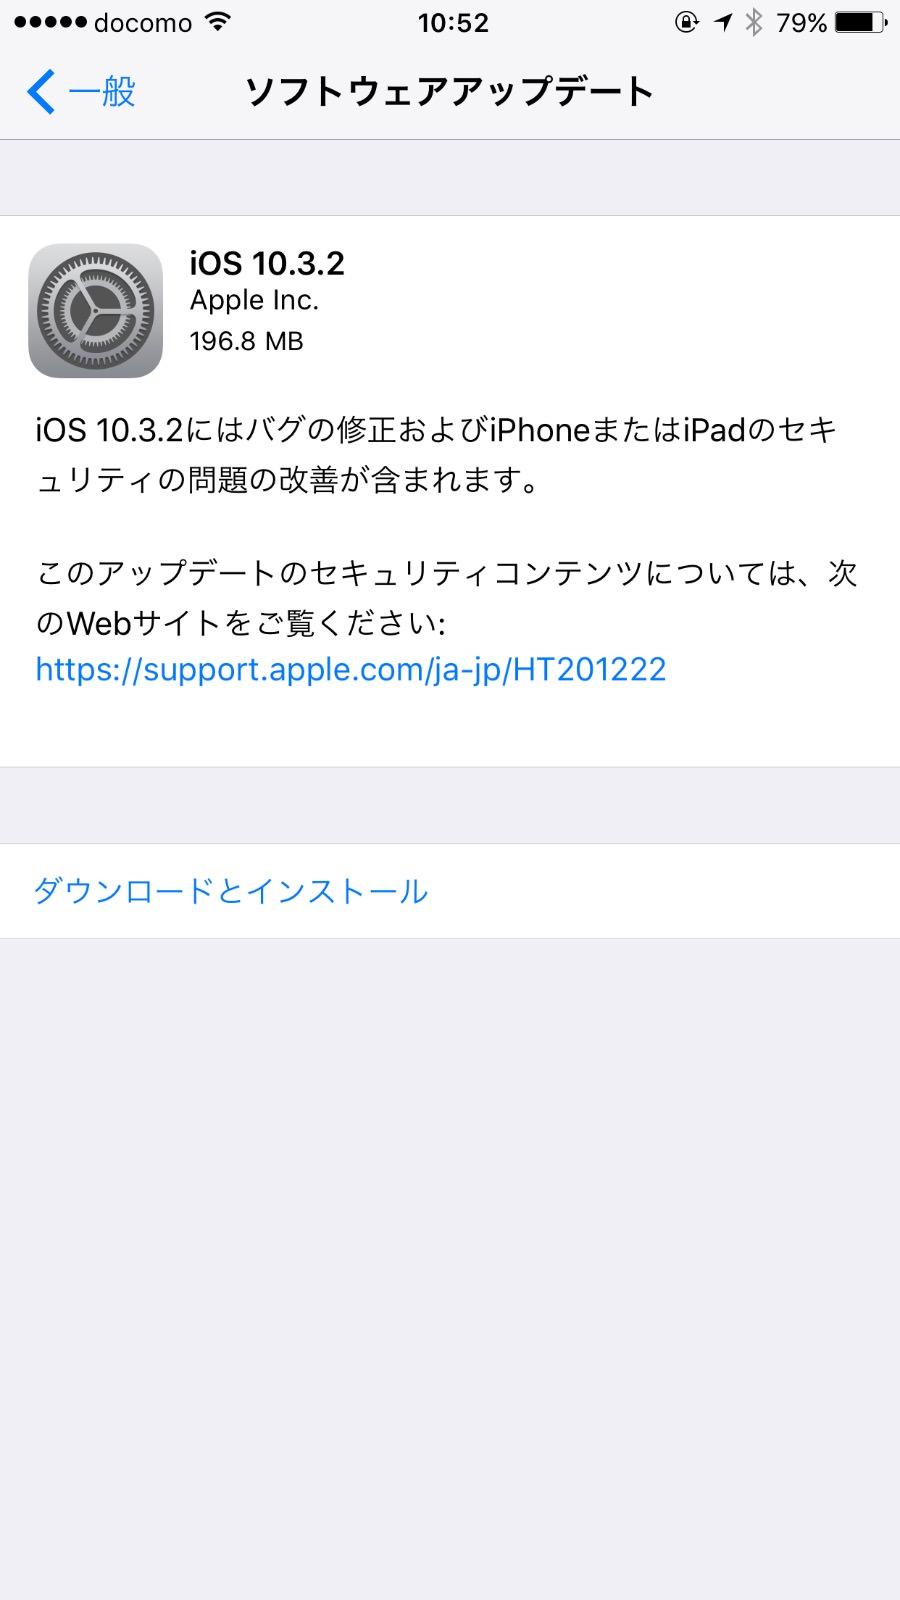 【iOS 10】「iOS 10.3.2」ソフトウェアアップデートがリリース